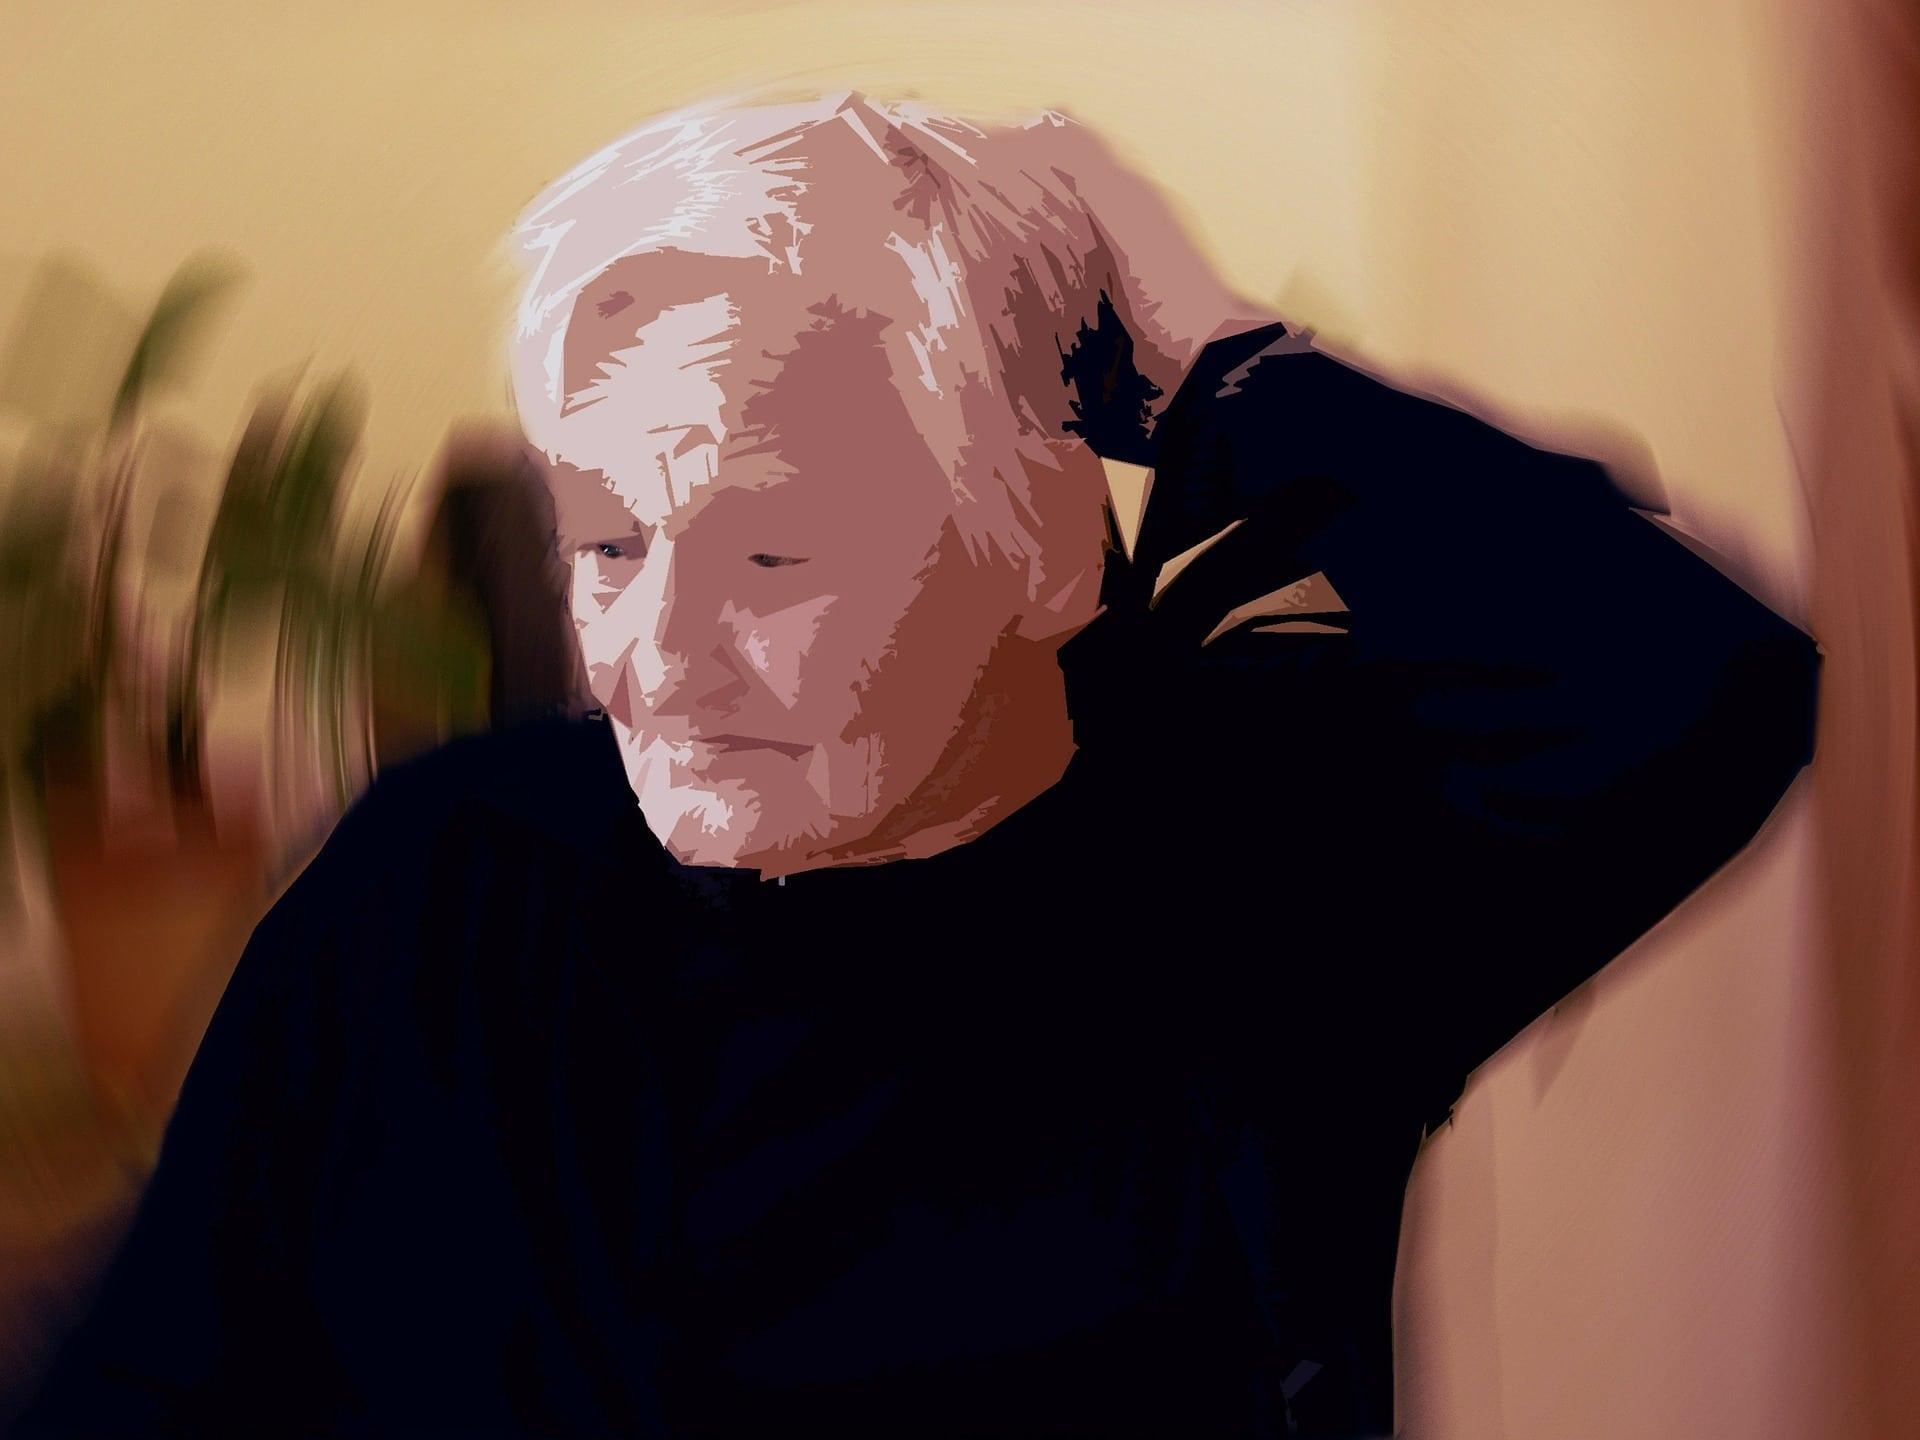 como detetar alzheimer precocemente